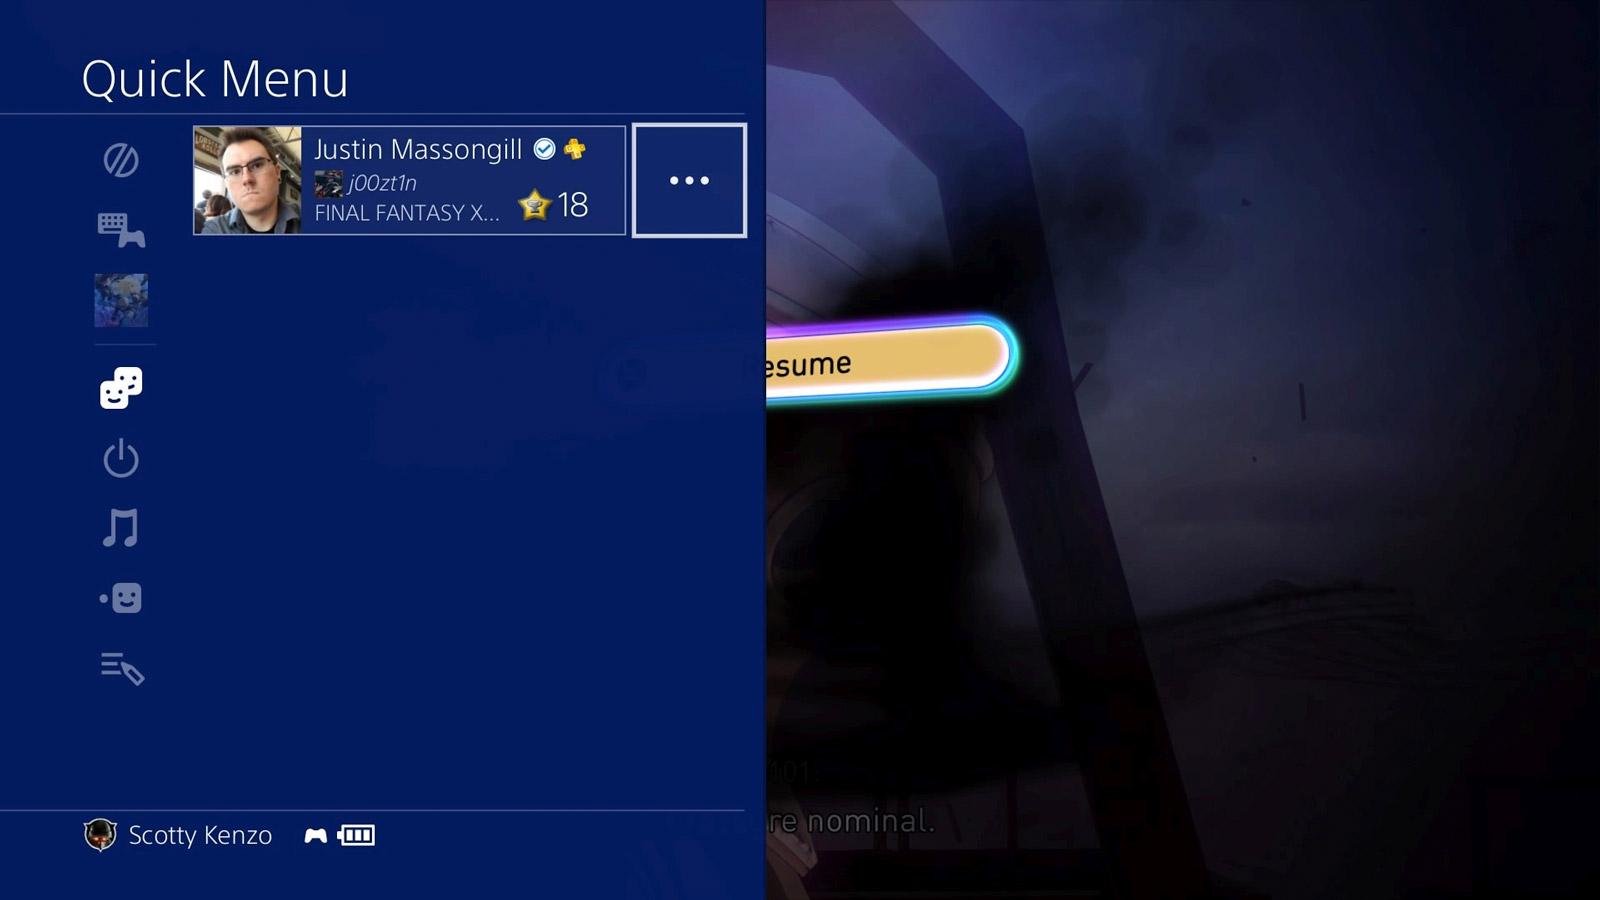 Le nouveau menu rapide est aminci, laissant plus de place à l'image du jeu en arrière-plan.